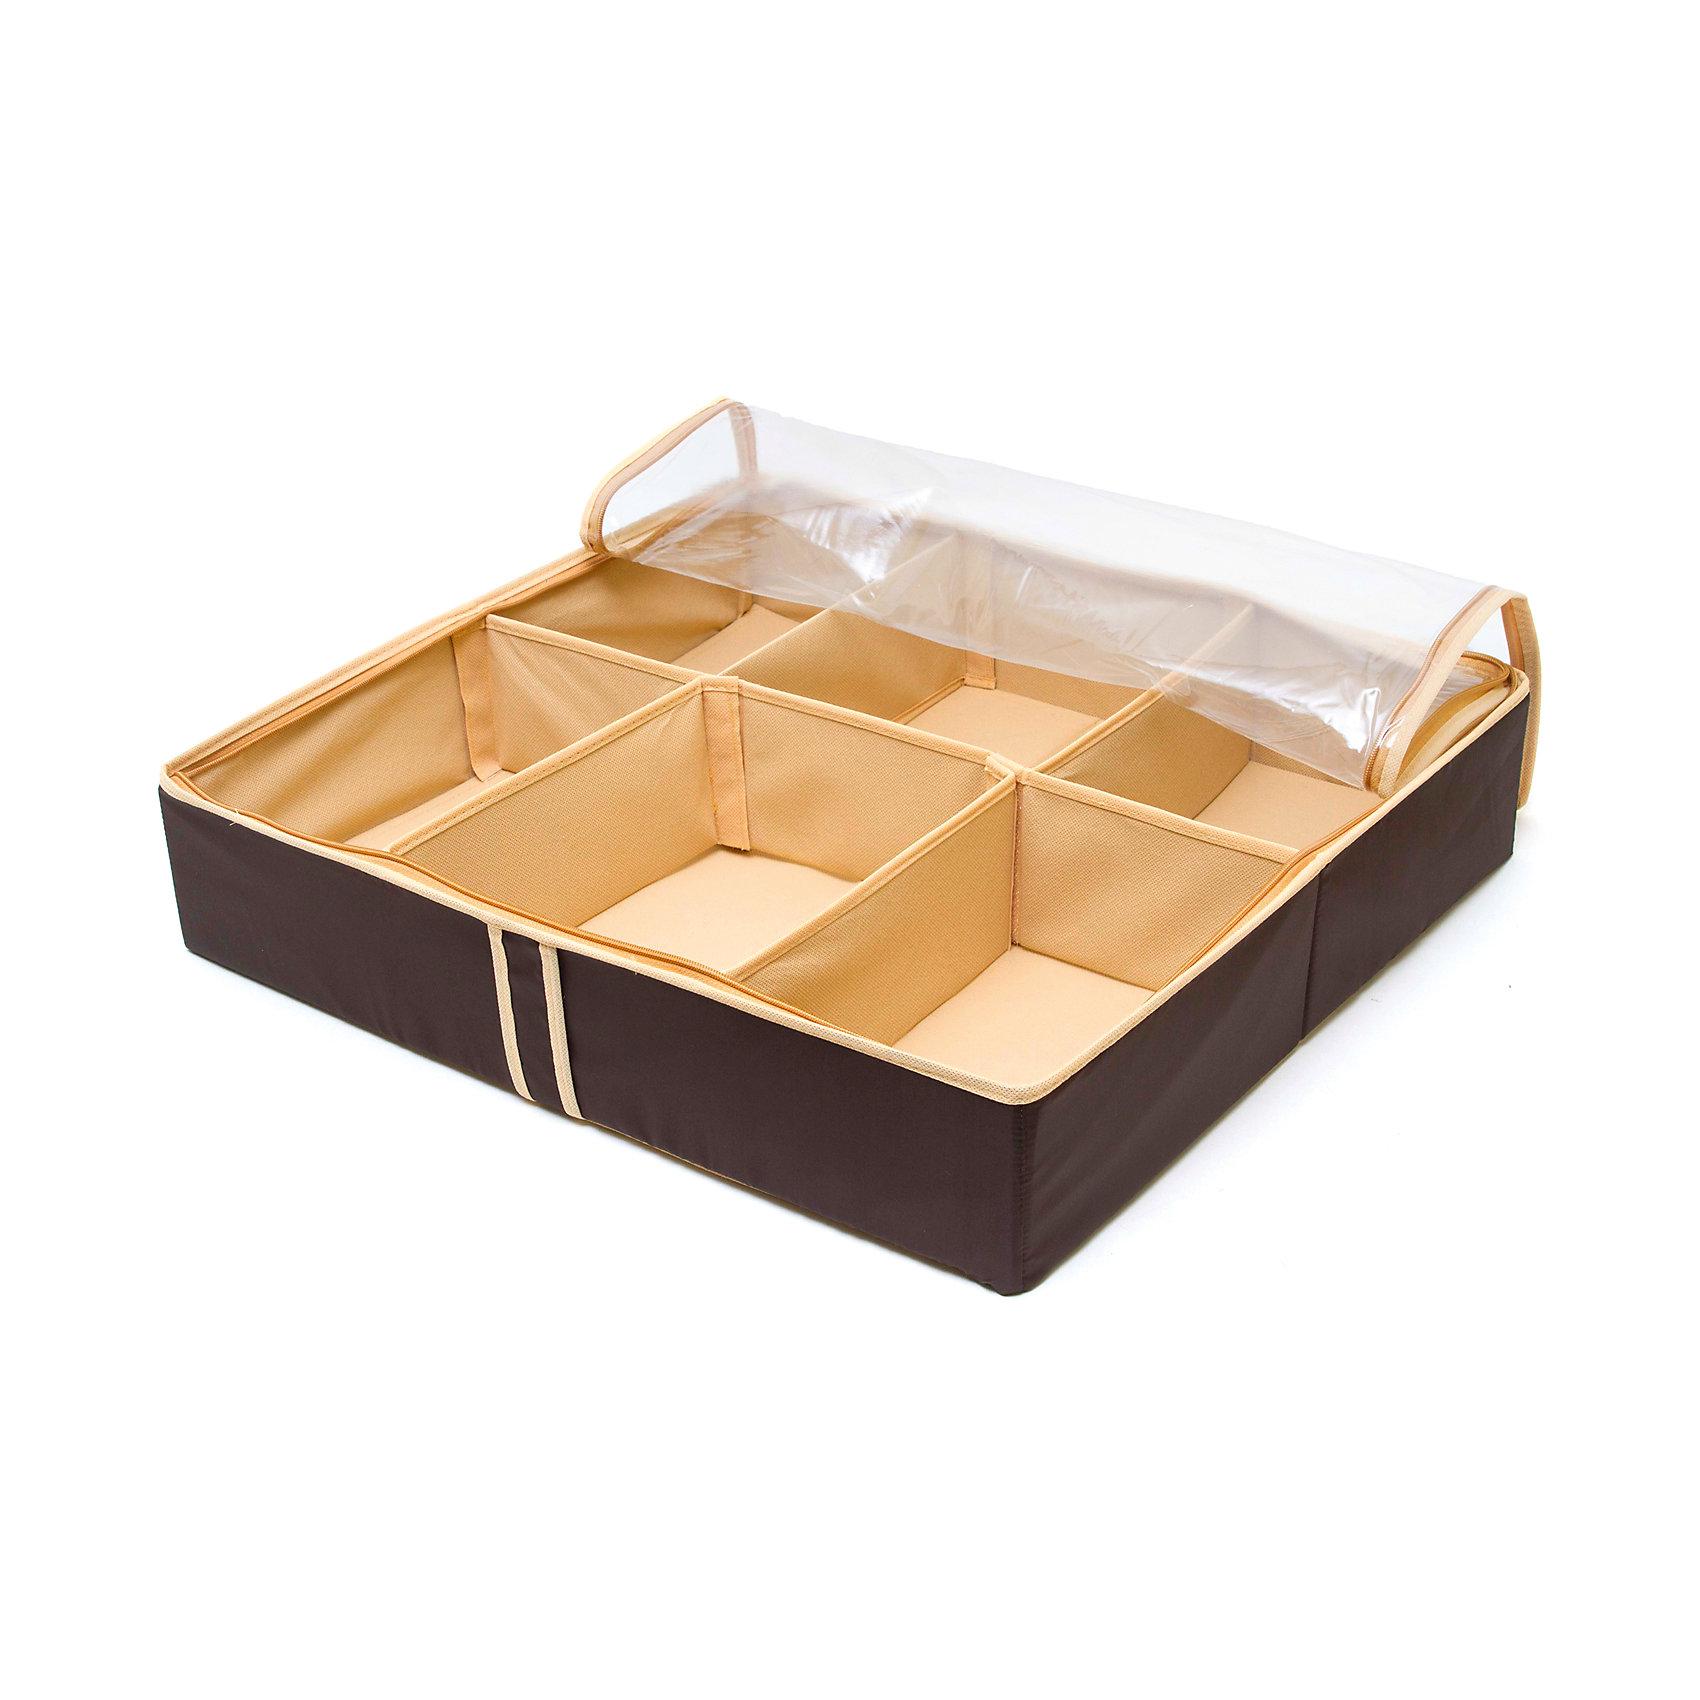 Органайзер для обуви на 6 боксов Costa-Rica, HomsuПорядок в детской<br>Характеристики товара:<br><br>• цвет: коричневый<br>• материал: спанбонд, картон, ПВХ<br>• размер: 56х52х12 см<br>• вес: 700 г<br>• легкий прочный каркас<br>• застежка: молния<br>• прозрачная крышка<br>• ручка для переноски<br>• вместимость: 6 отделений<br>• страна бренда: Россия<br>• страна изготовитель: Китай<br><br>Органайзер для обуви на 6 боксов Costa-Rica от бренда Homsu (Хомсу) - очень удобная вещь для хранения вещей и эргономичной организации пространства.<br><br>Он легкий, устойчивый, вместительный, имеет удобную ручку для переноски.<br><br>Органайзер для обуви на 6 боксов Costa-Rica, Homsu можно купить в нашем интернет-магазине.<br><br>Ширина мм: 540<br>Глубина мм: 290<br>Высота мм: 20<br>Вес г: 700<br>Возраст от месяцев: 216<br>Возраст до месяцев: 1188<br>Пол: Унисекс<br>Возраст: Детский<br>SKU: 5620219